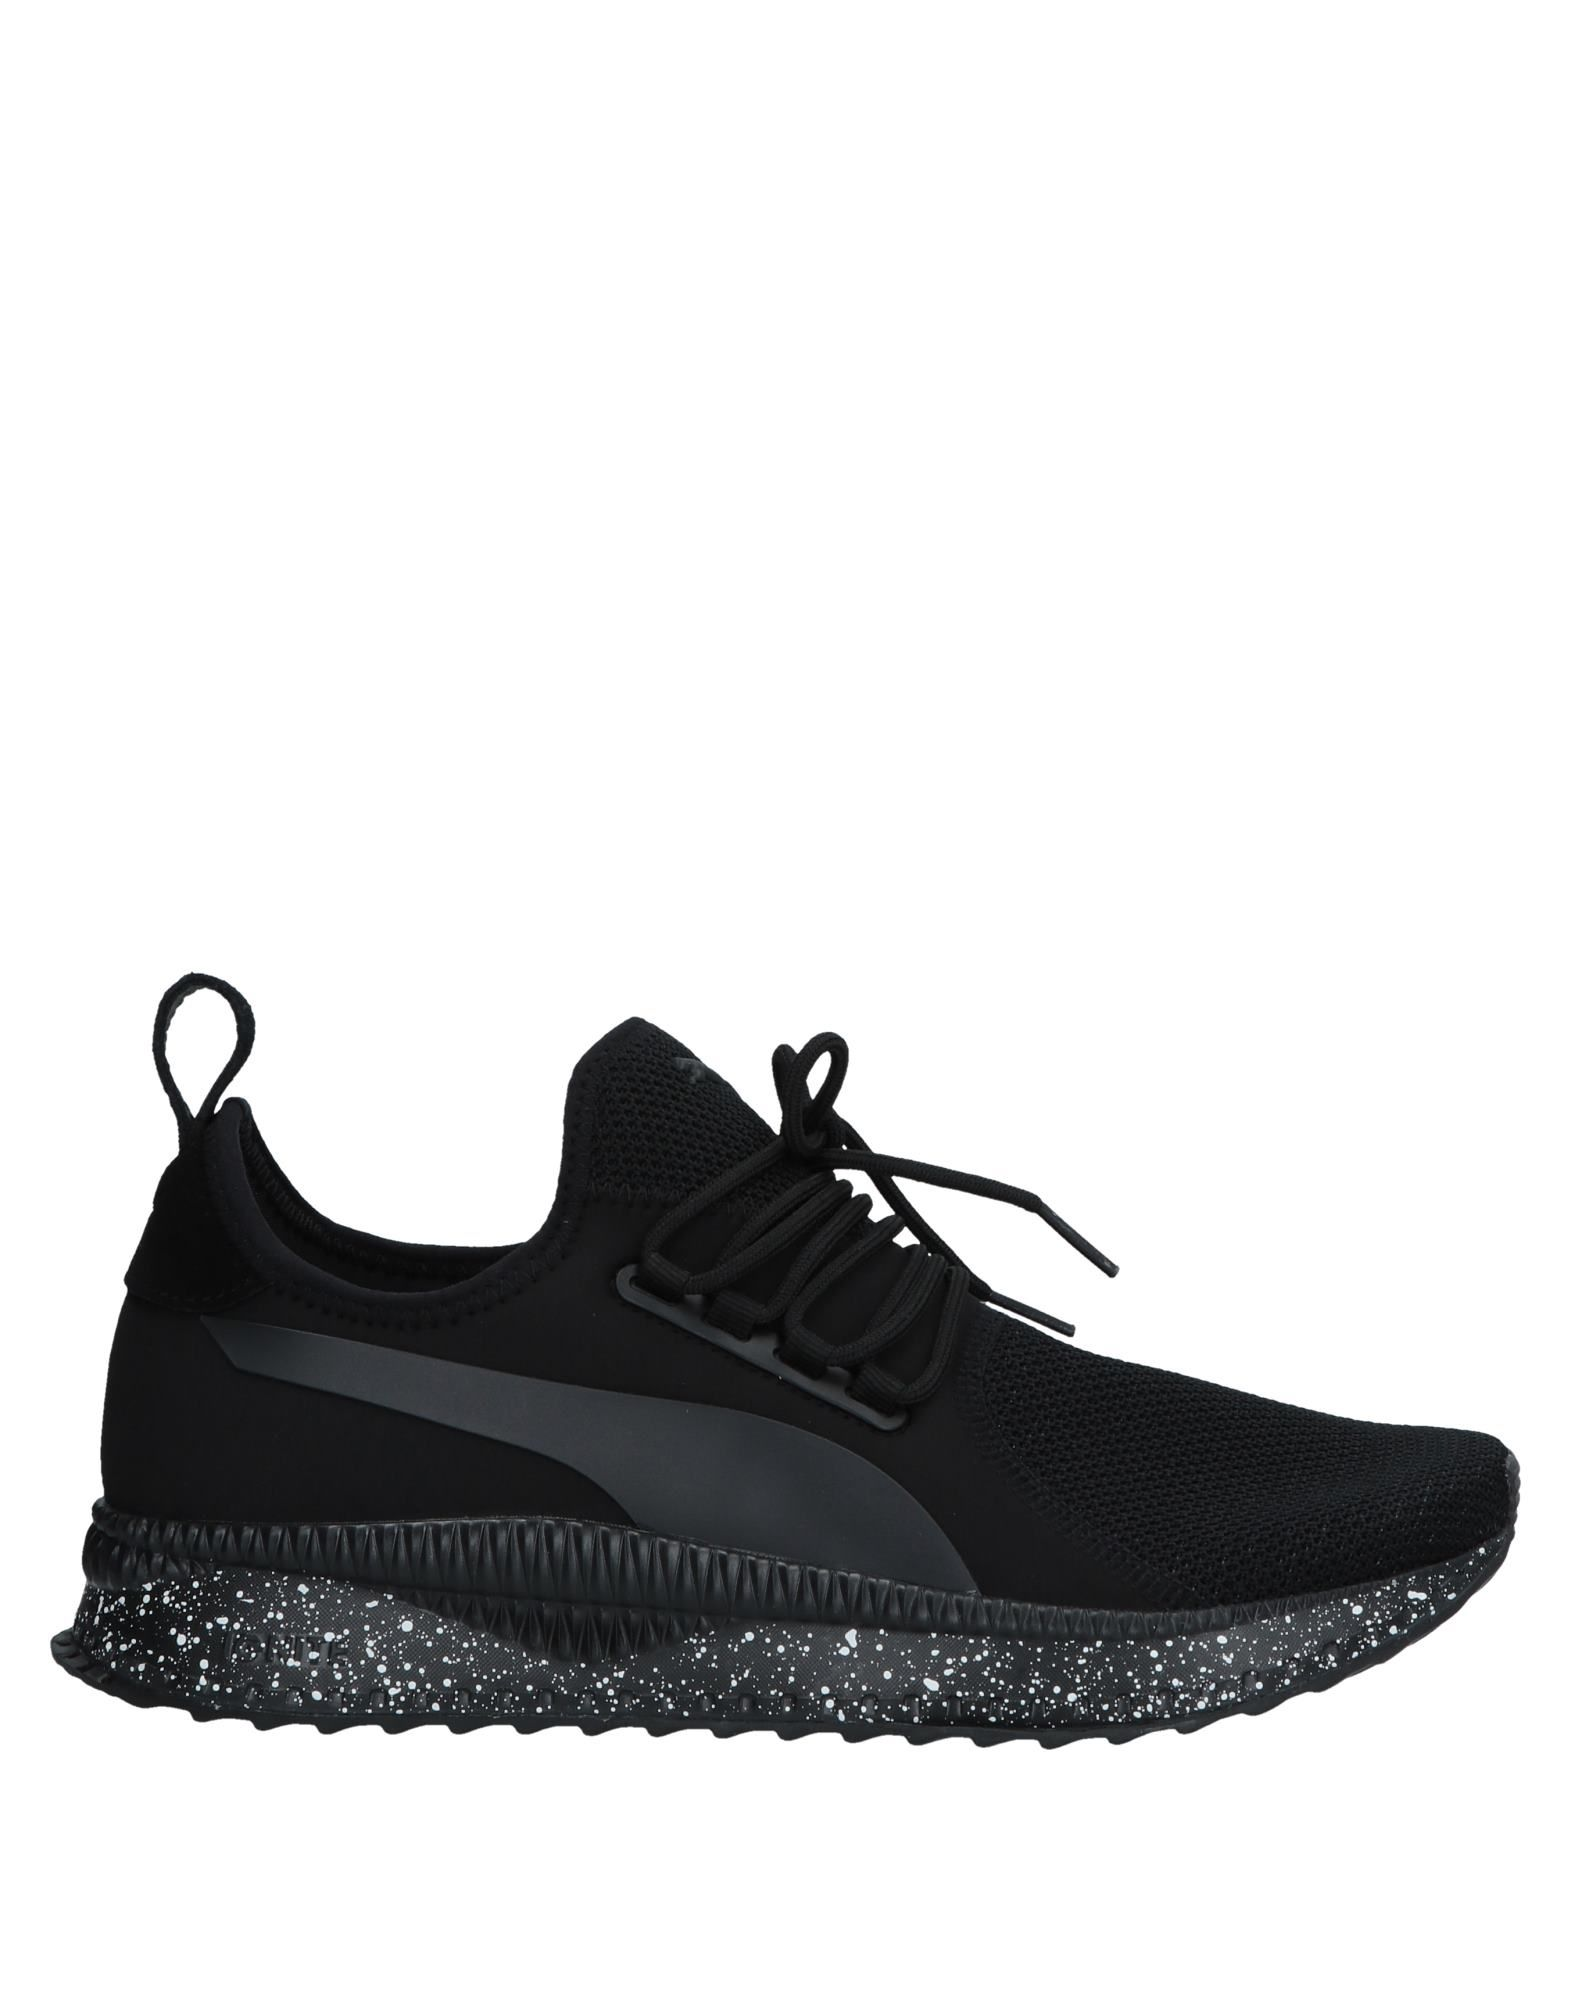 Rabatt echte Schuhe Herren Puma Sneakers Herren Schuhe  11559127PW a4e916